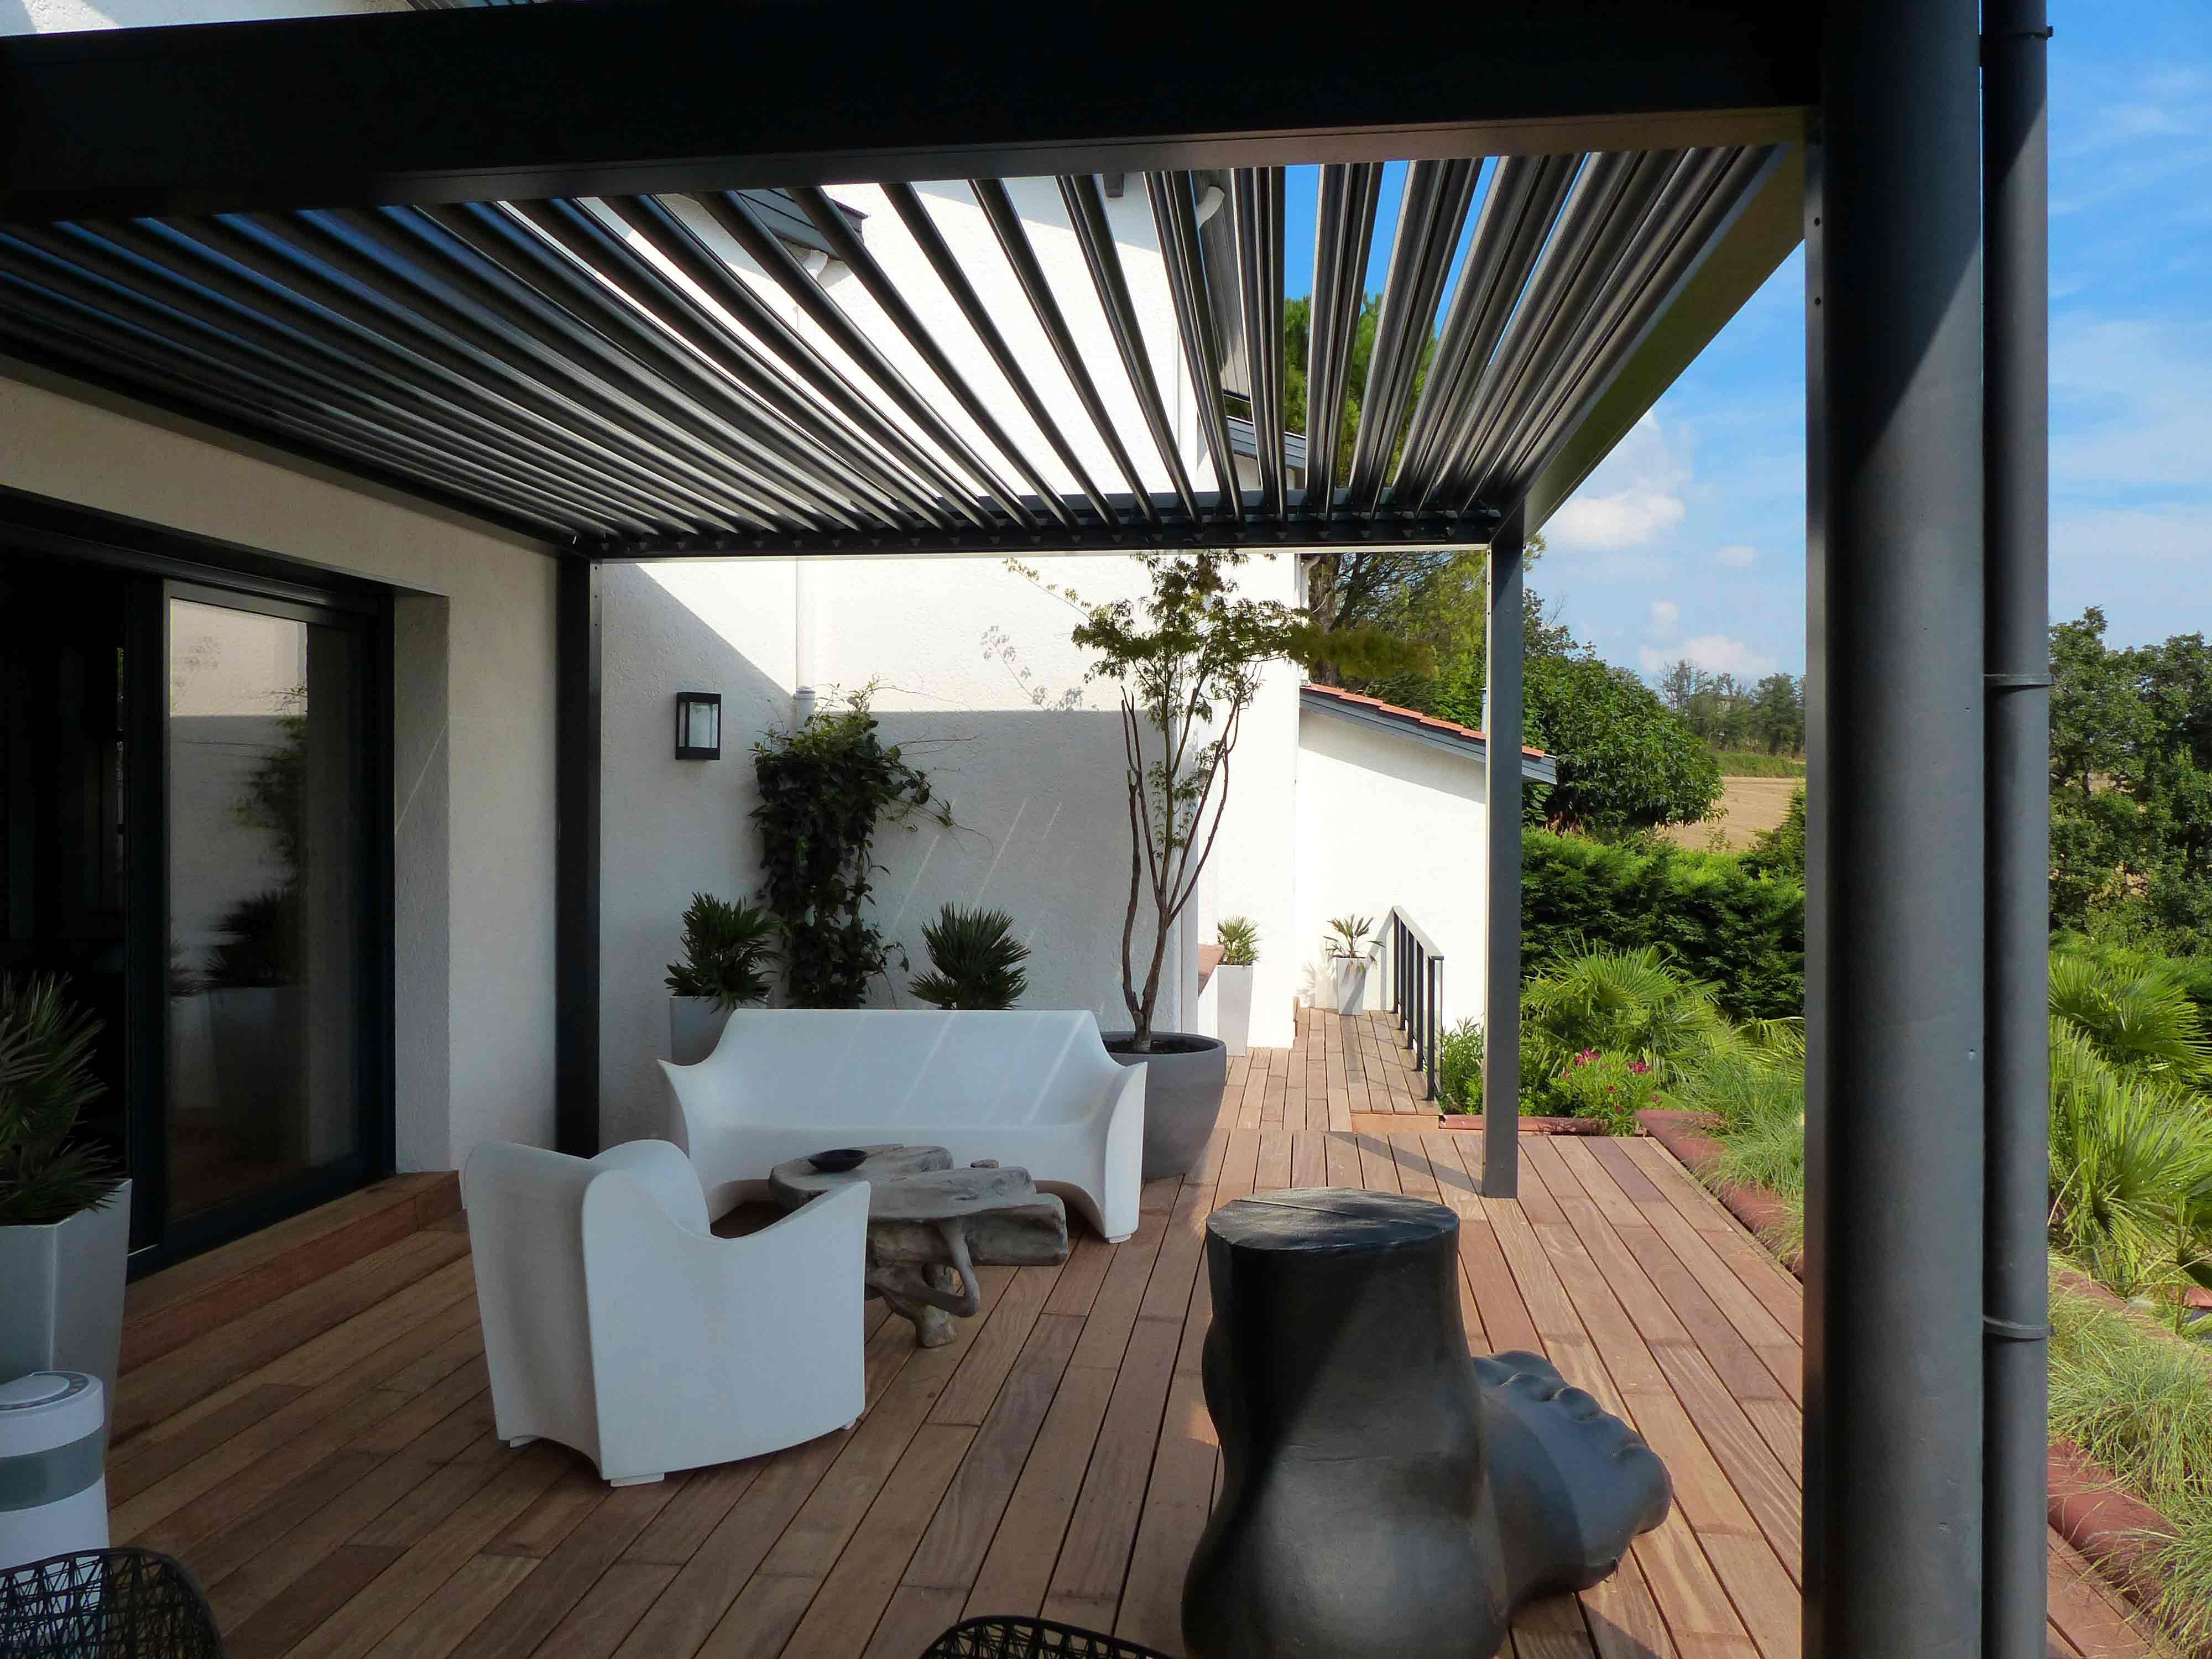 Grâce à son design contemporain, la pergola bioclimatique